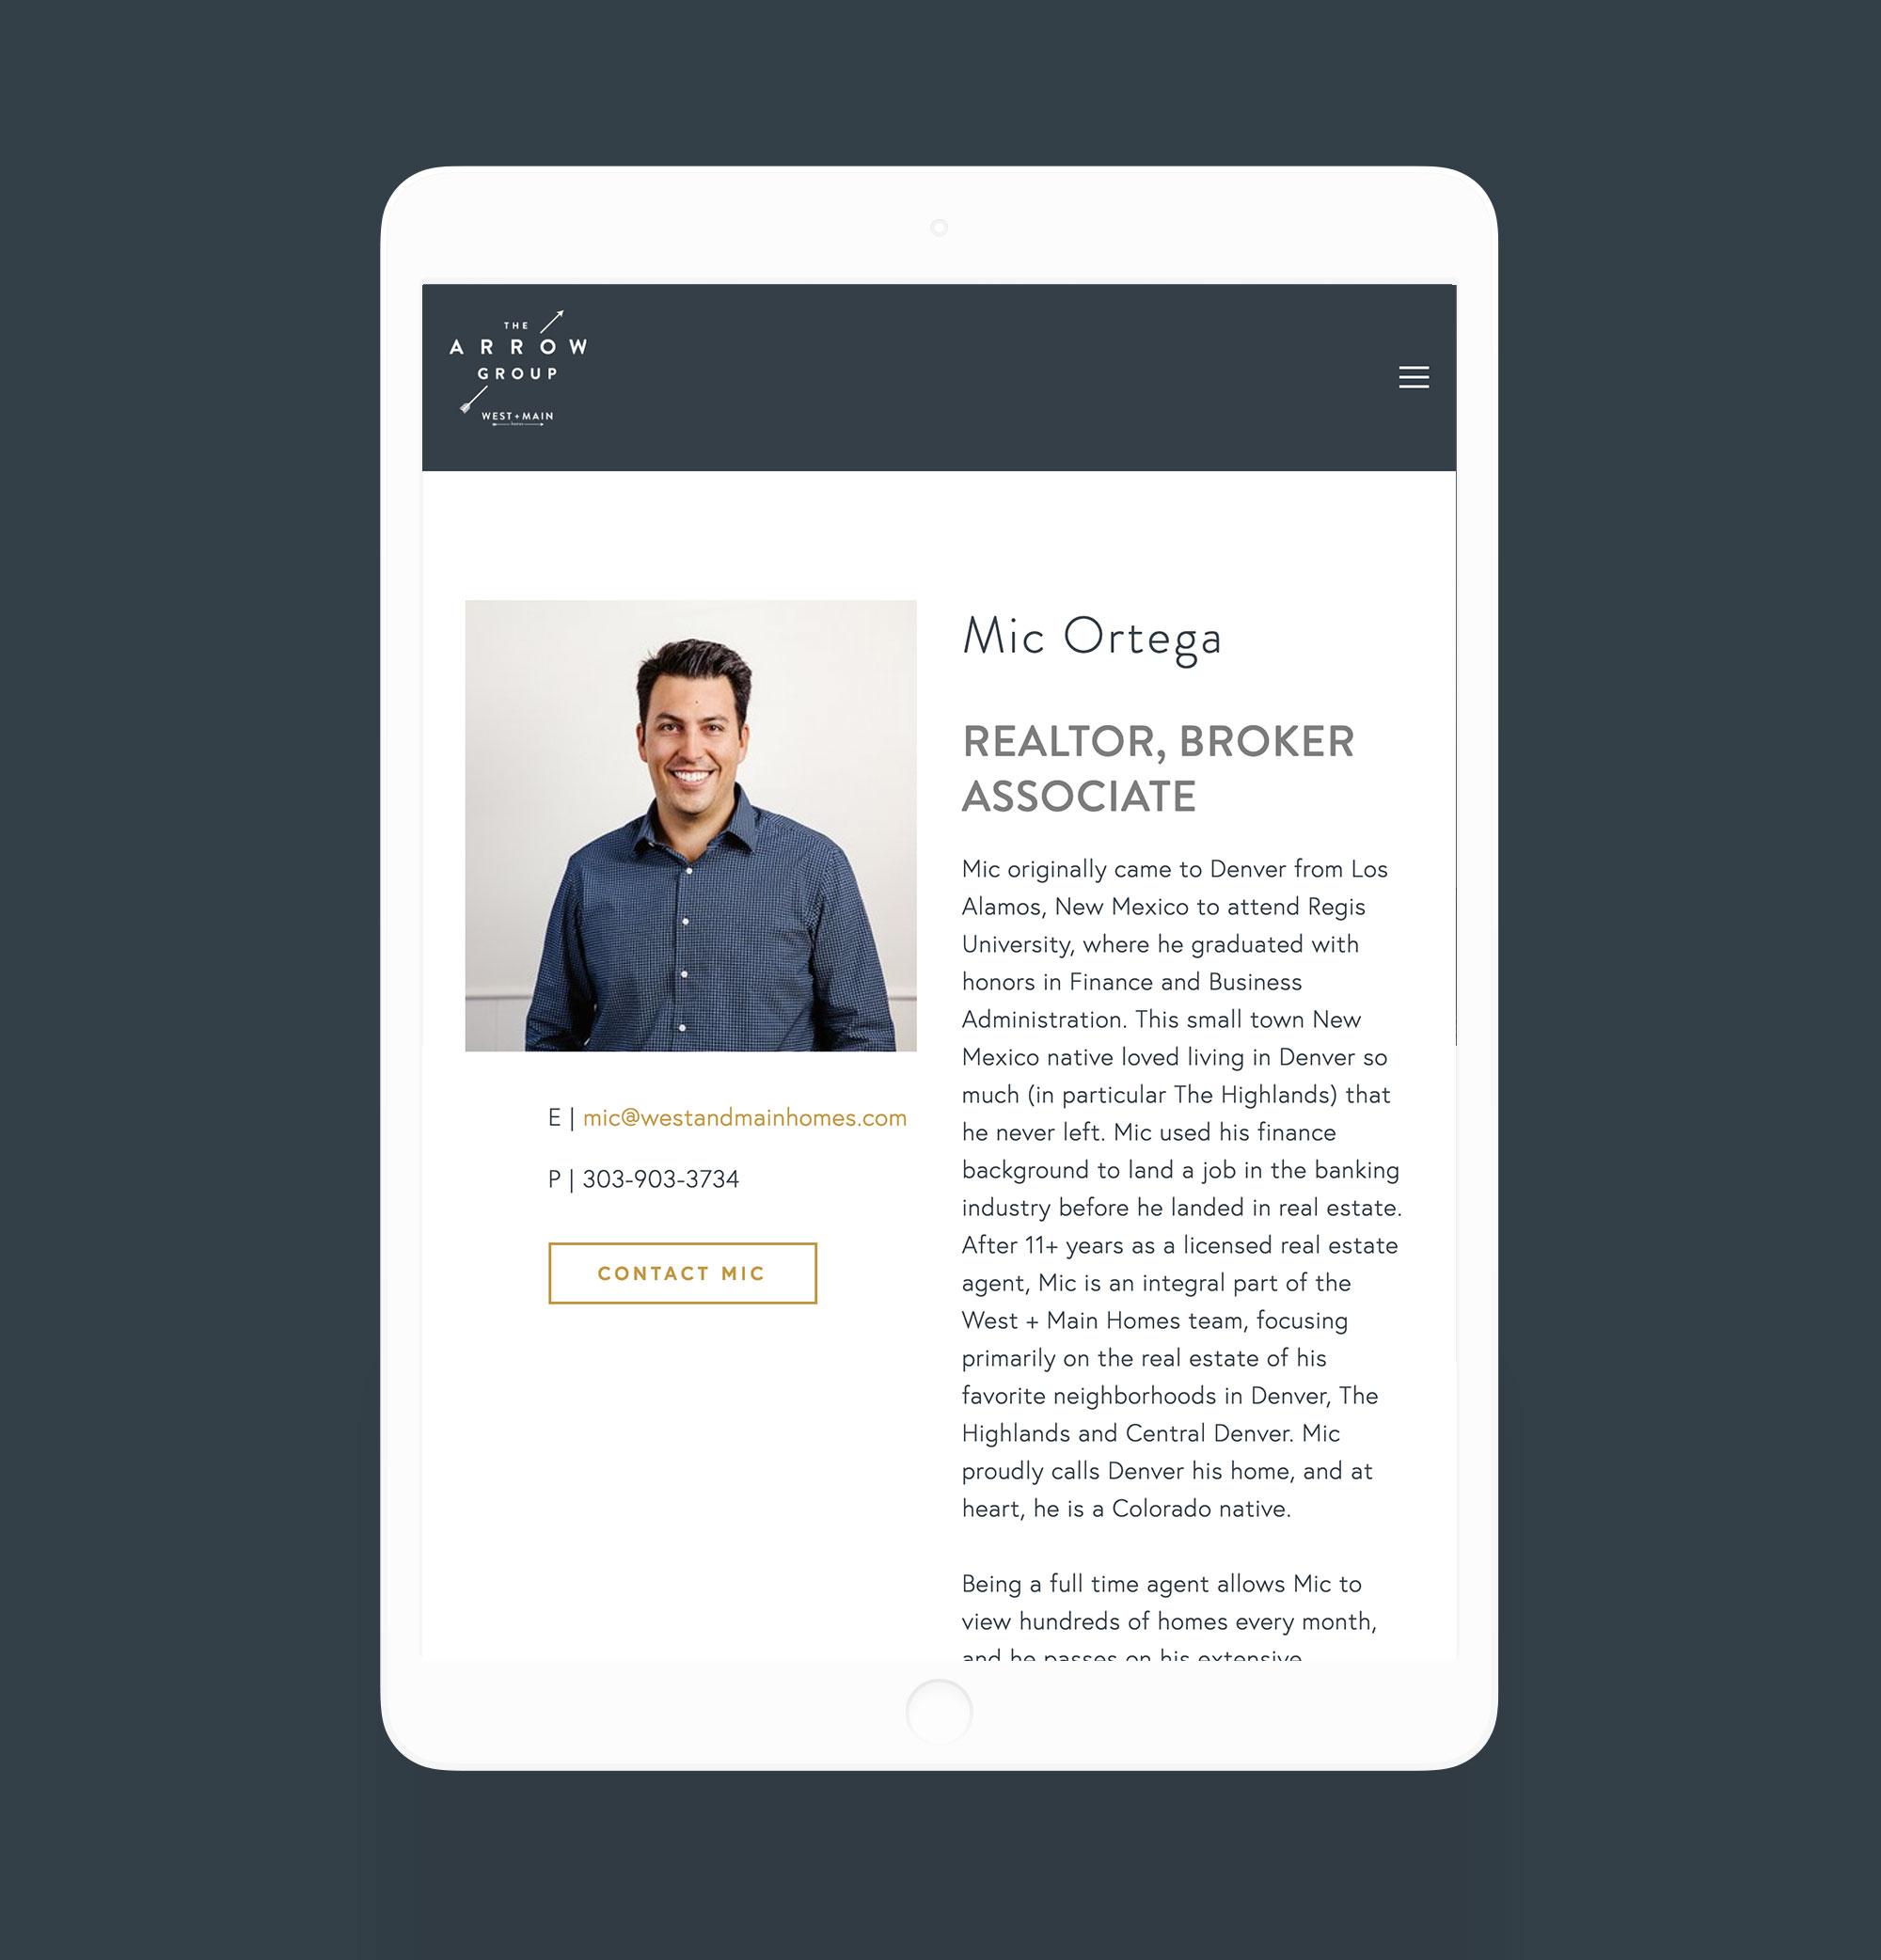 arrow-group-web-iPad-mic-ortega.jpg